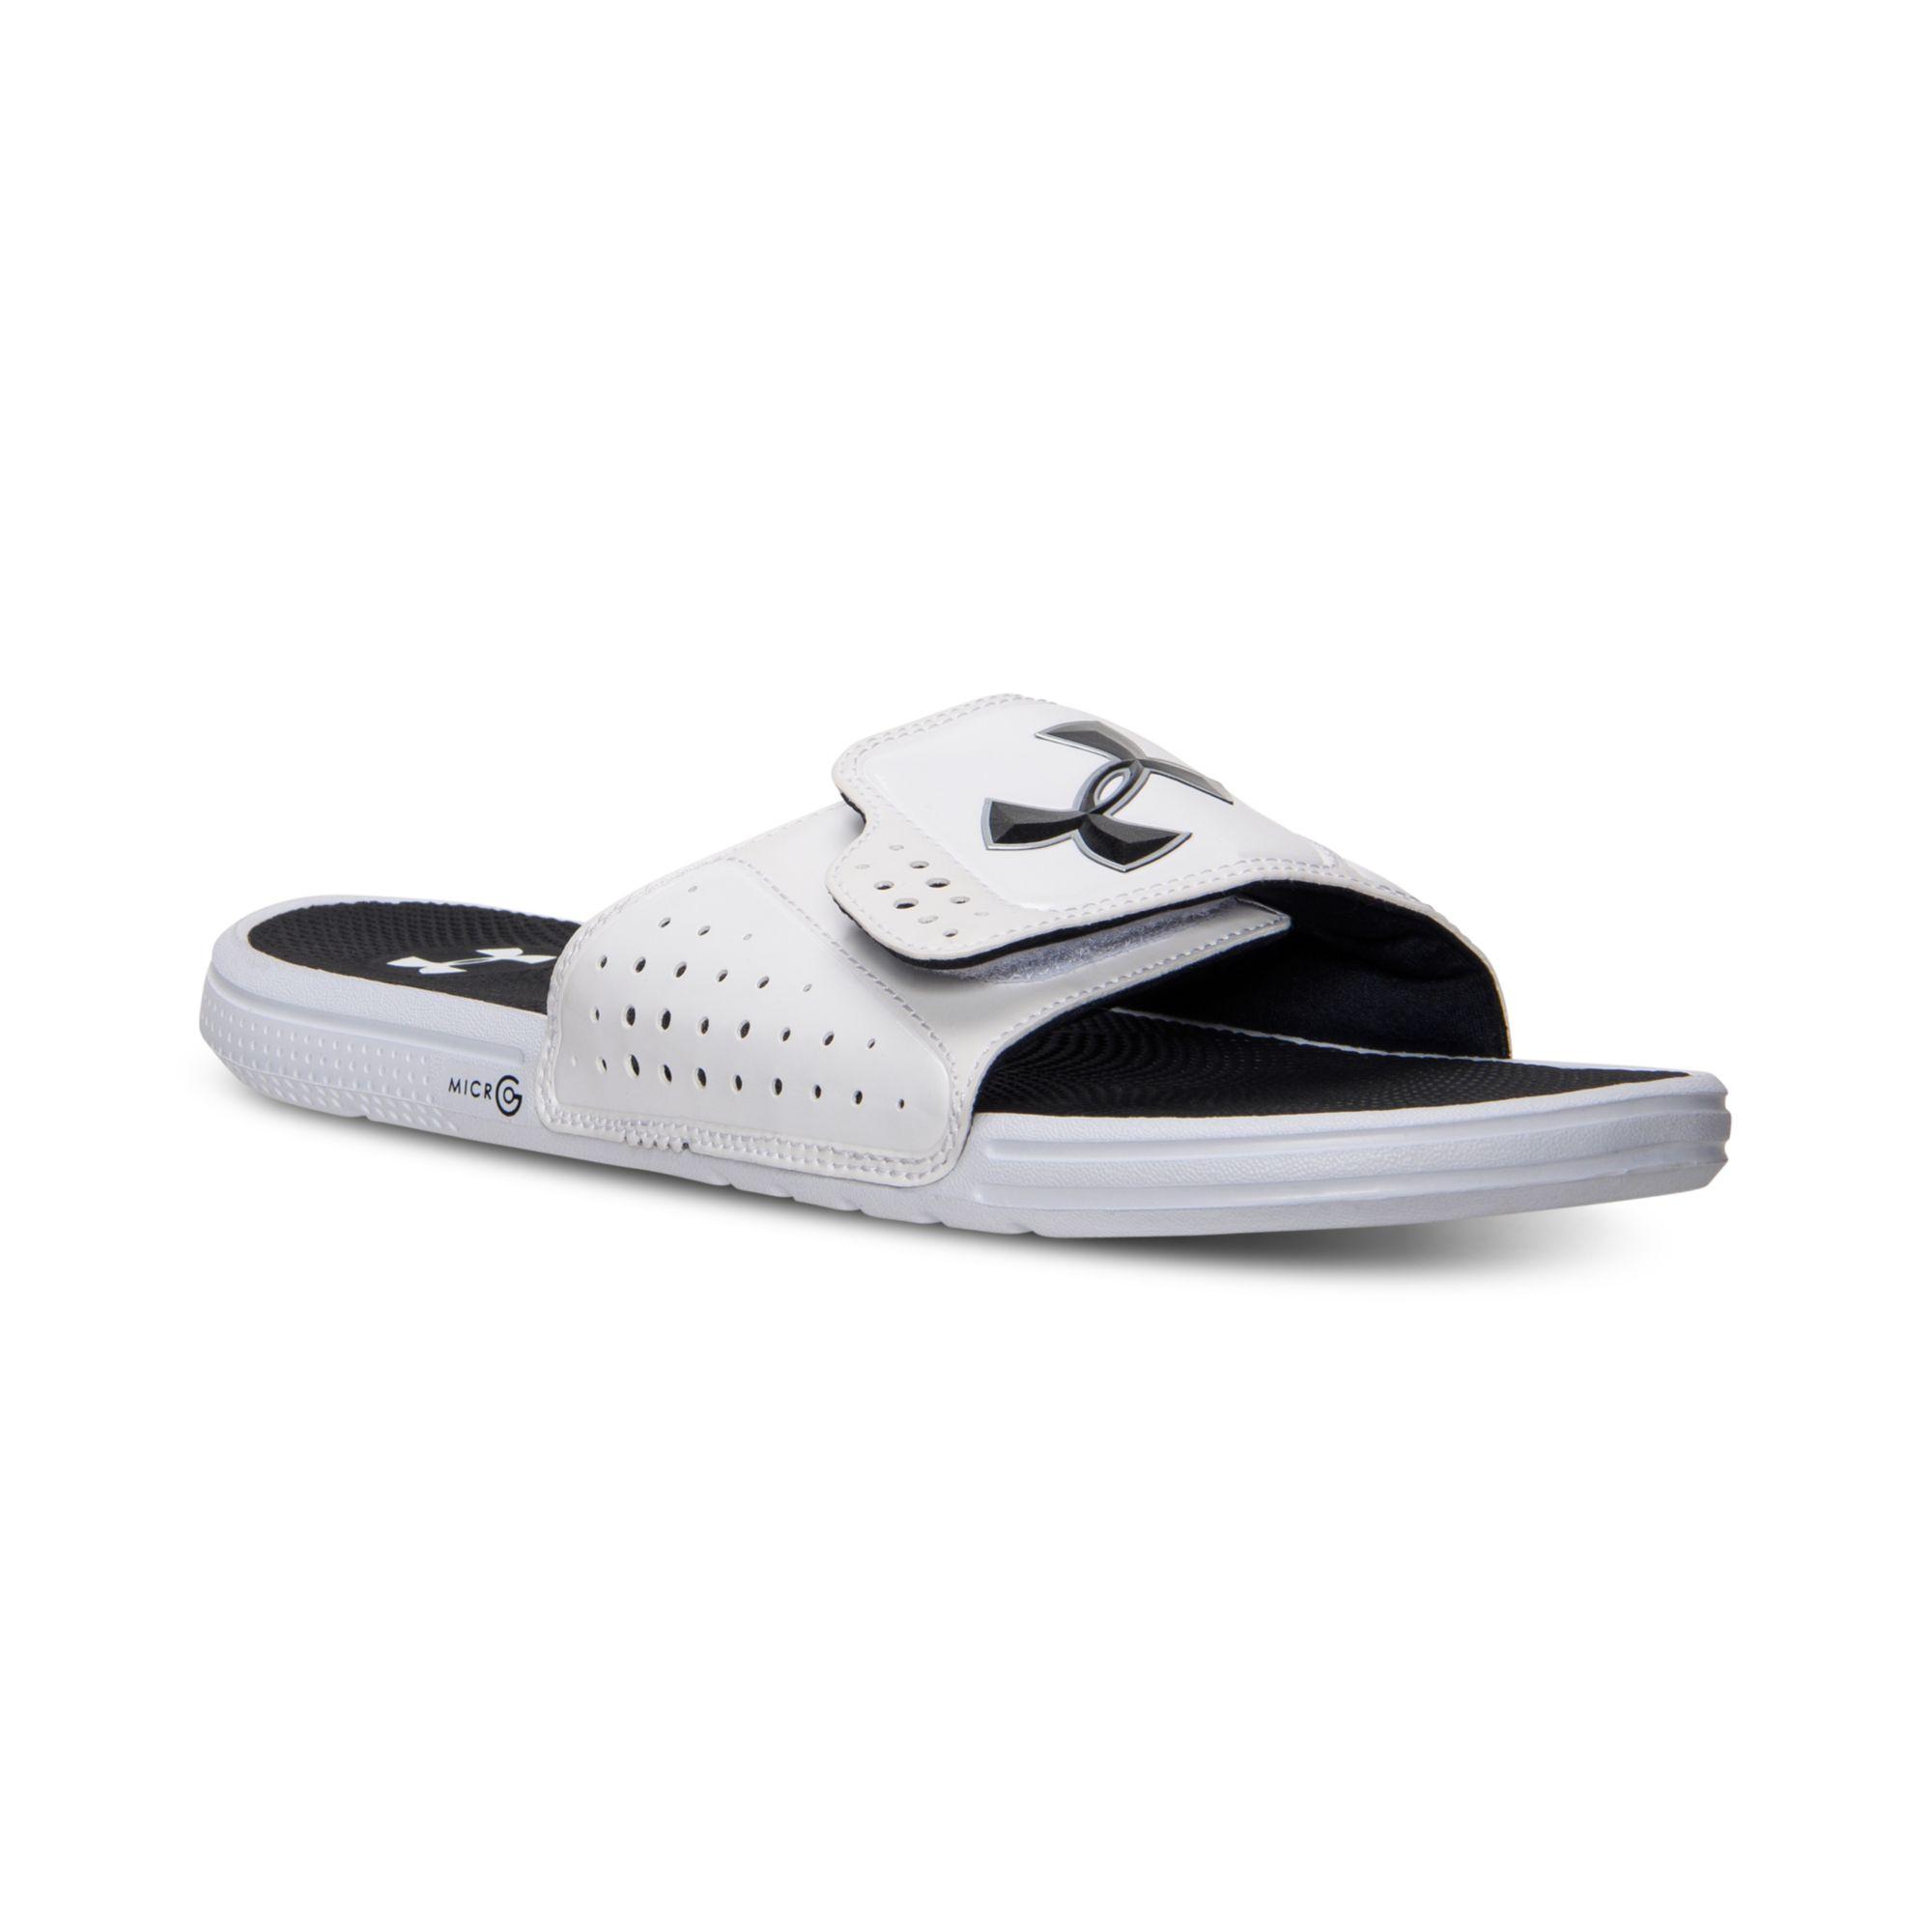 7147d4e330 Under Armour White Mens Micro G Ev Slide Sandals From Finish Line for men